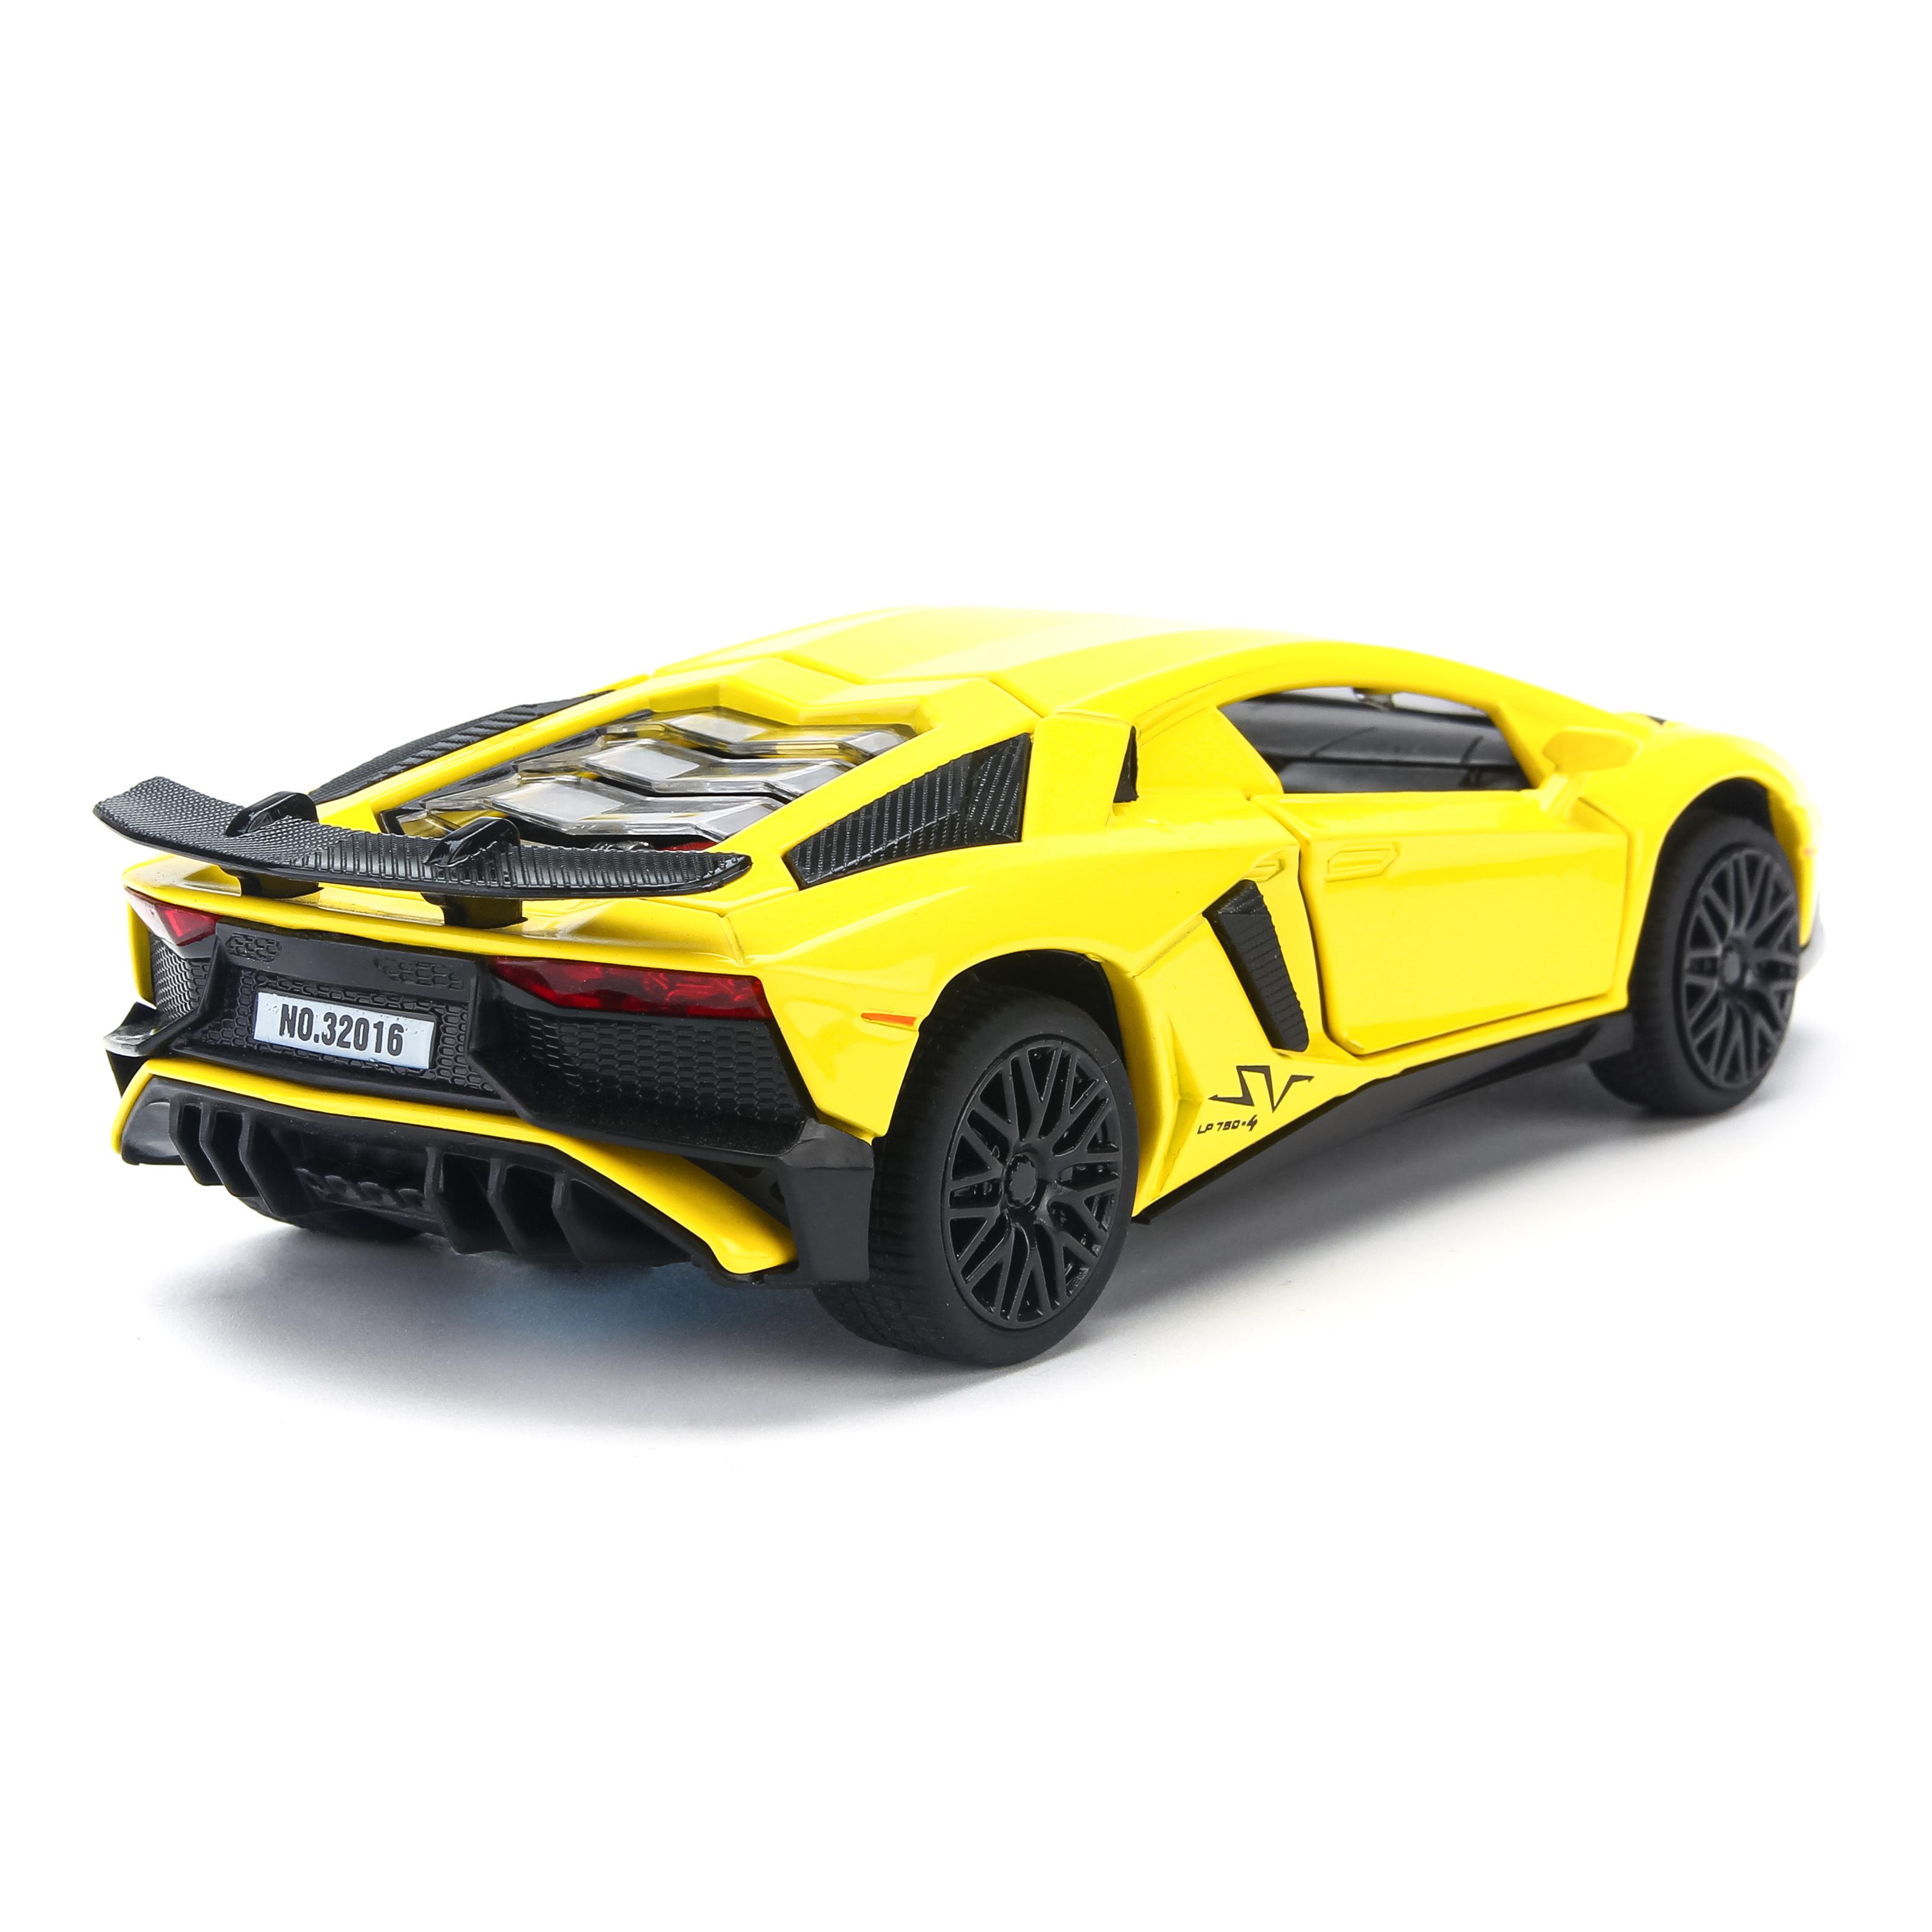 Mô hình xe Lamborghini Aventador LP750-4 SV 1:32 Miniauto - 32016